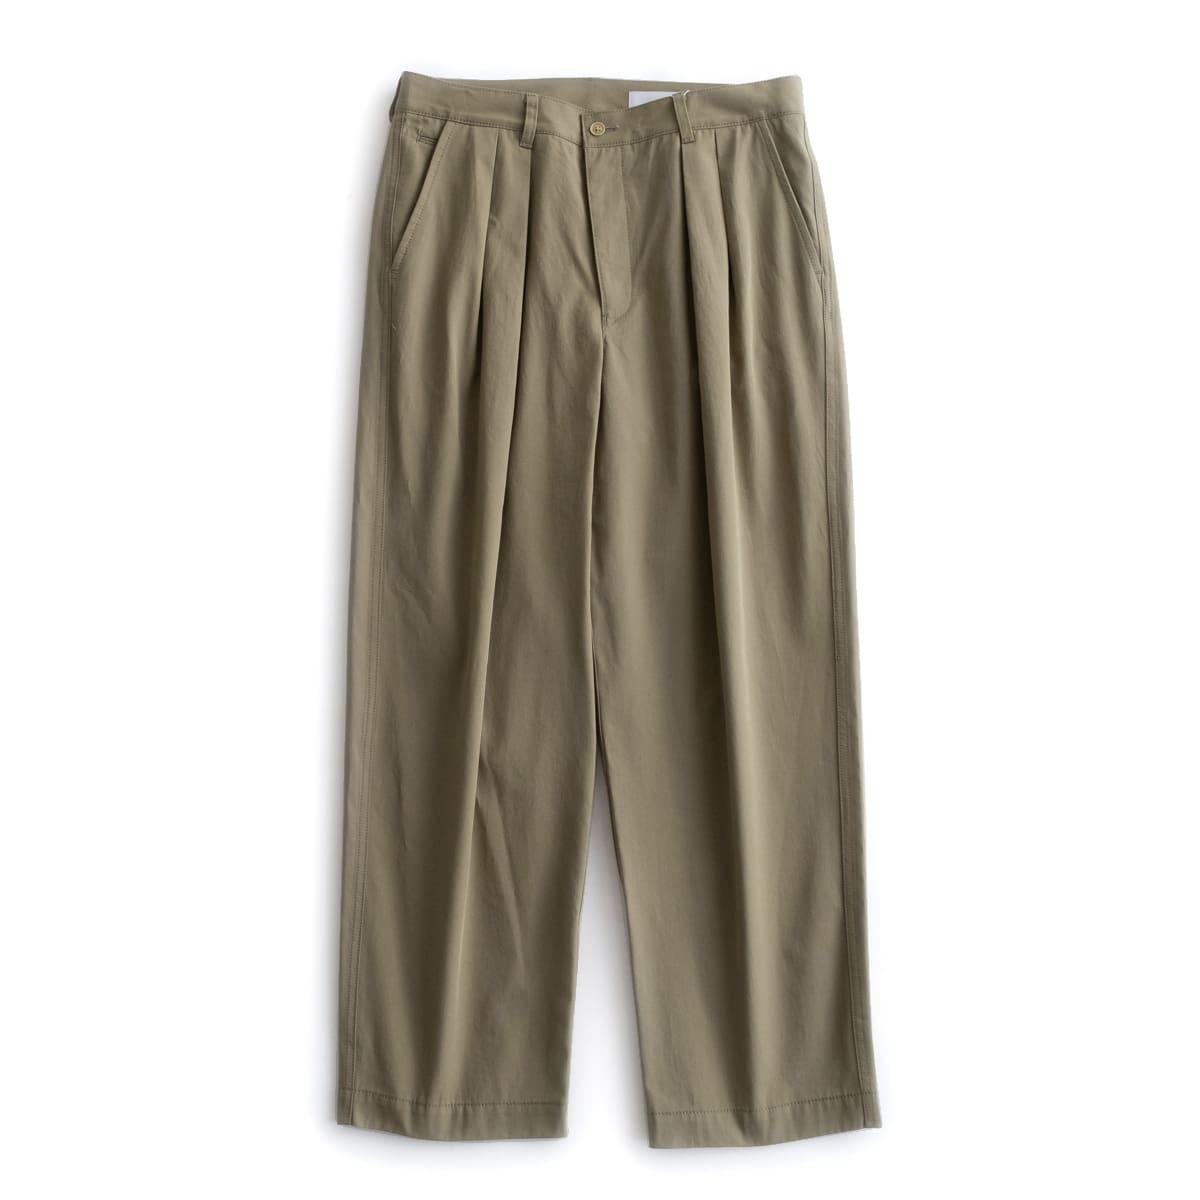 nuterm Two Tuck Wide Trousers (2色 Sage Green/Black) nut002PT-020S ニューターム ツータック ワイド トラウザー ワイドパンツ パンツ 日本製 メンズ 送料無料